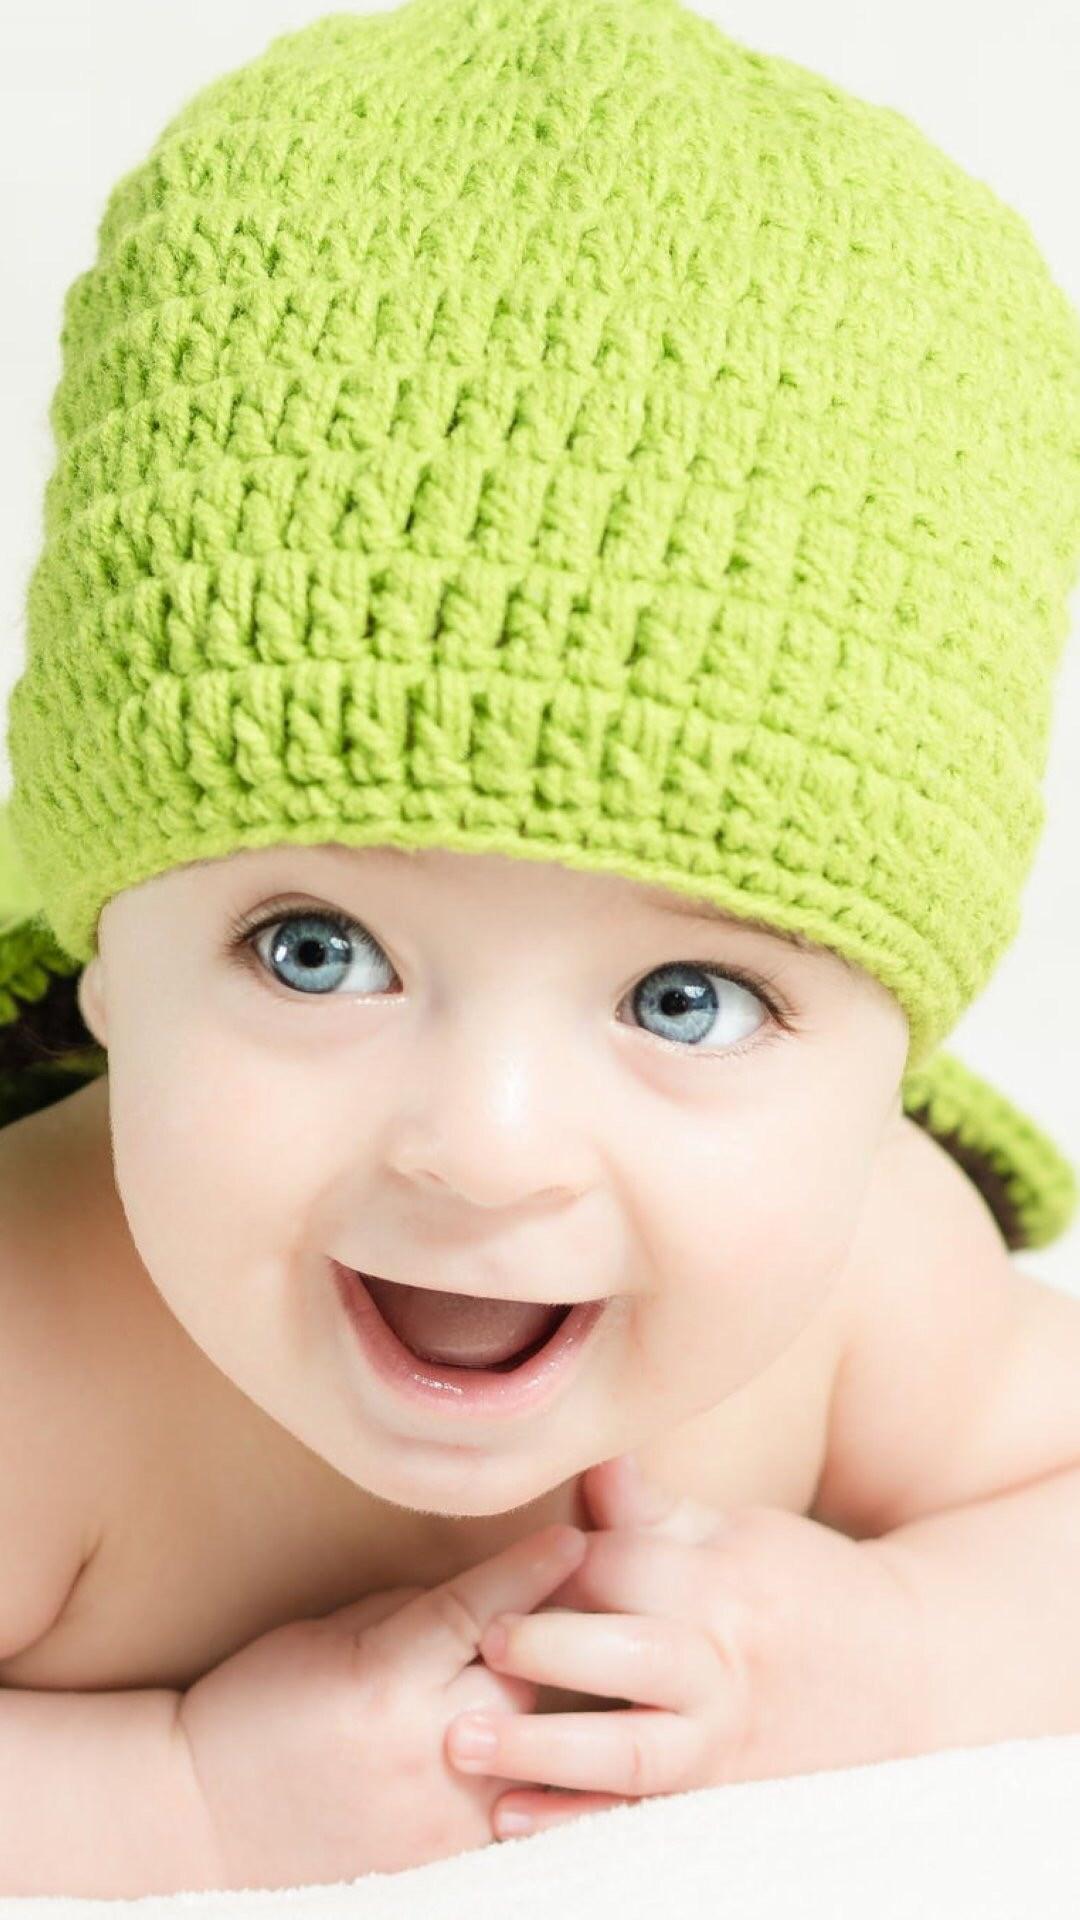 宝宝 壁纸 孩子 小孩 婴儿 1080_1920 竖版 竖屏 手机